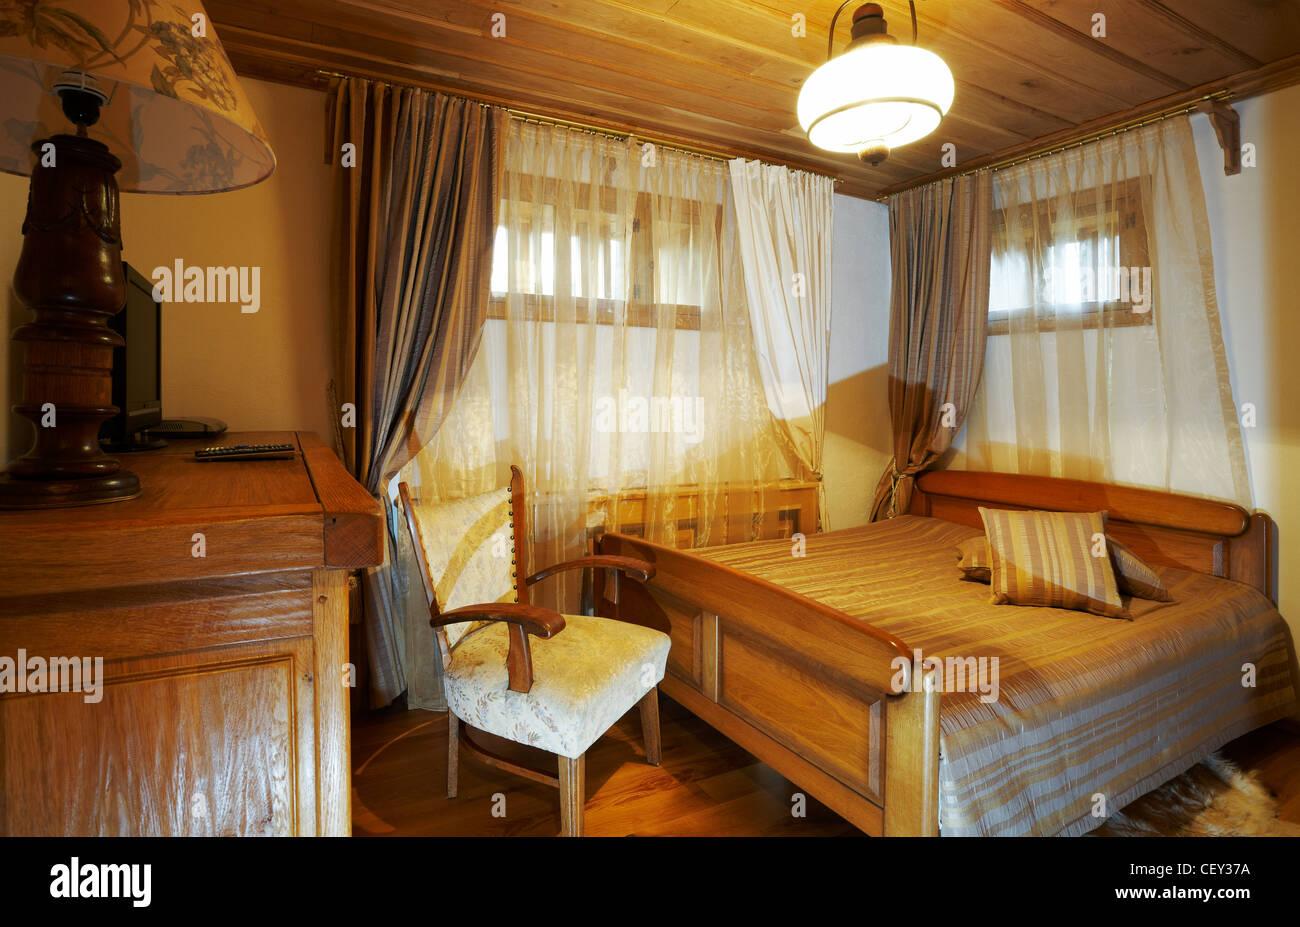 Vendita Mobili Stile Vecchia America camera da letto con vecchi mobili in legno in stile, hotel